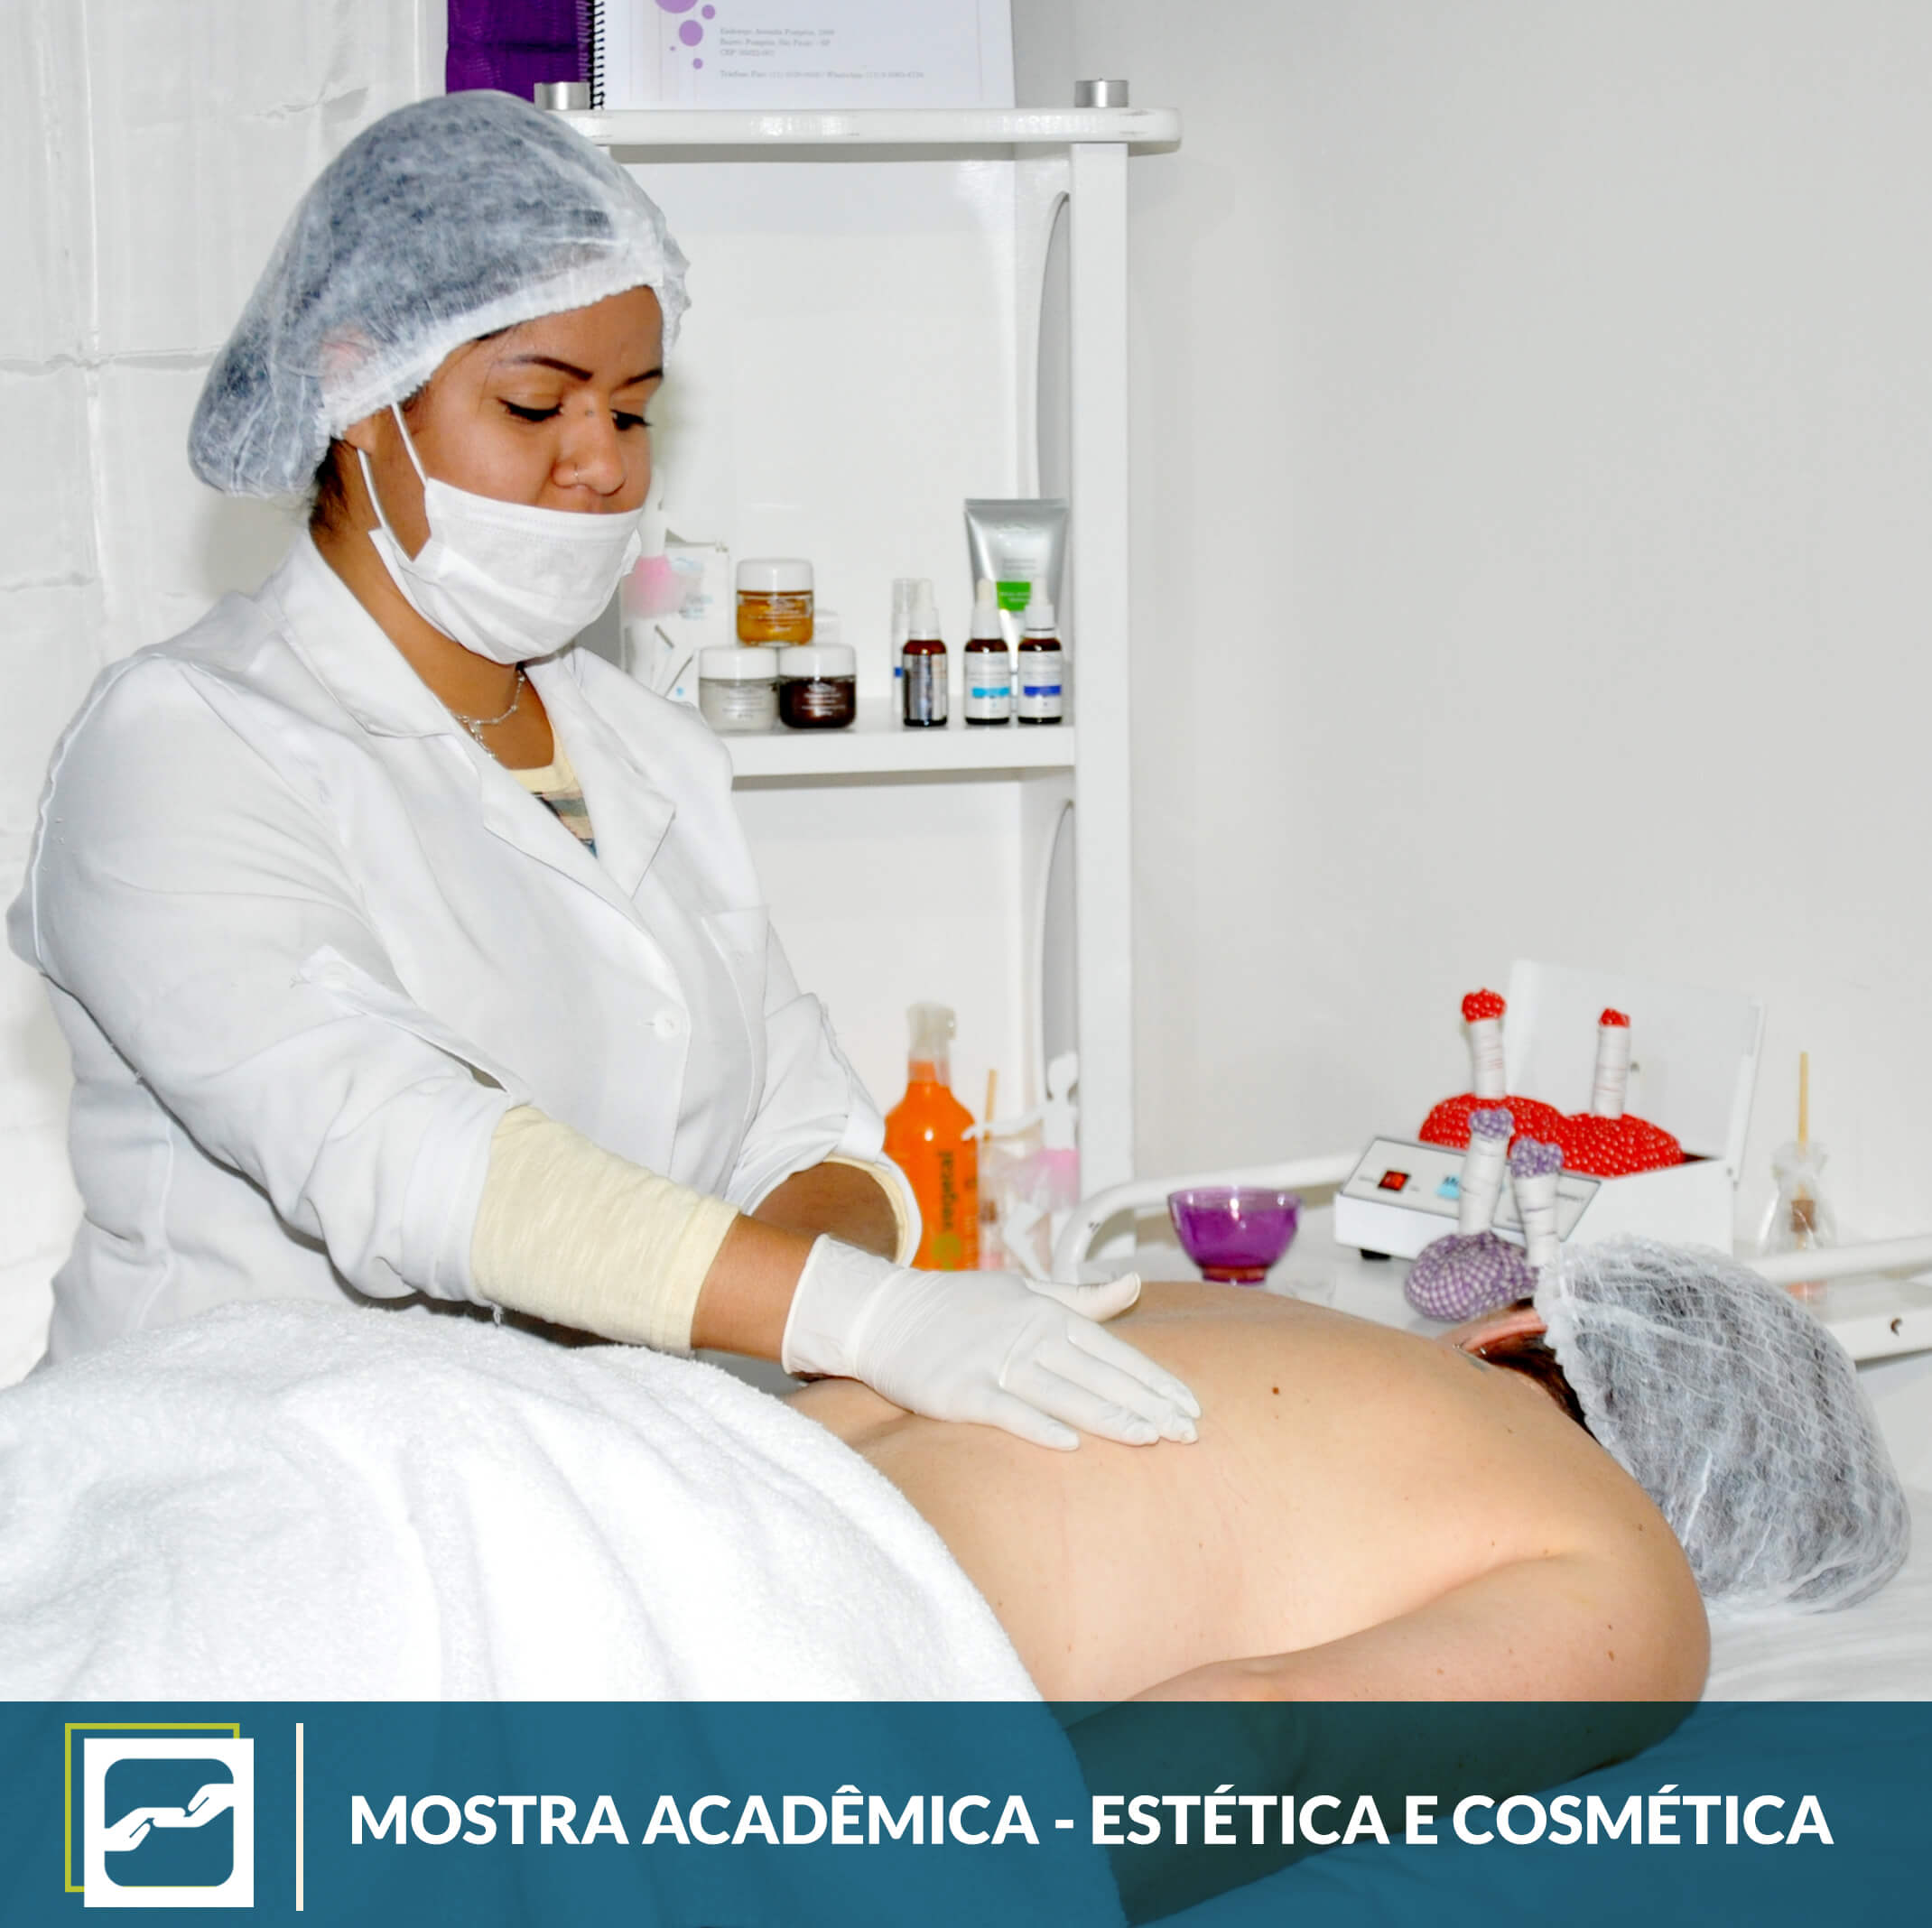 mostra-academia-estetica-cosmetica-famesp-33